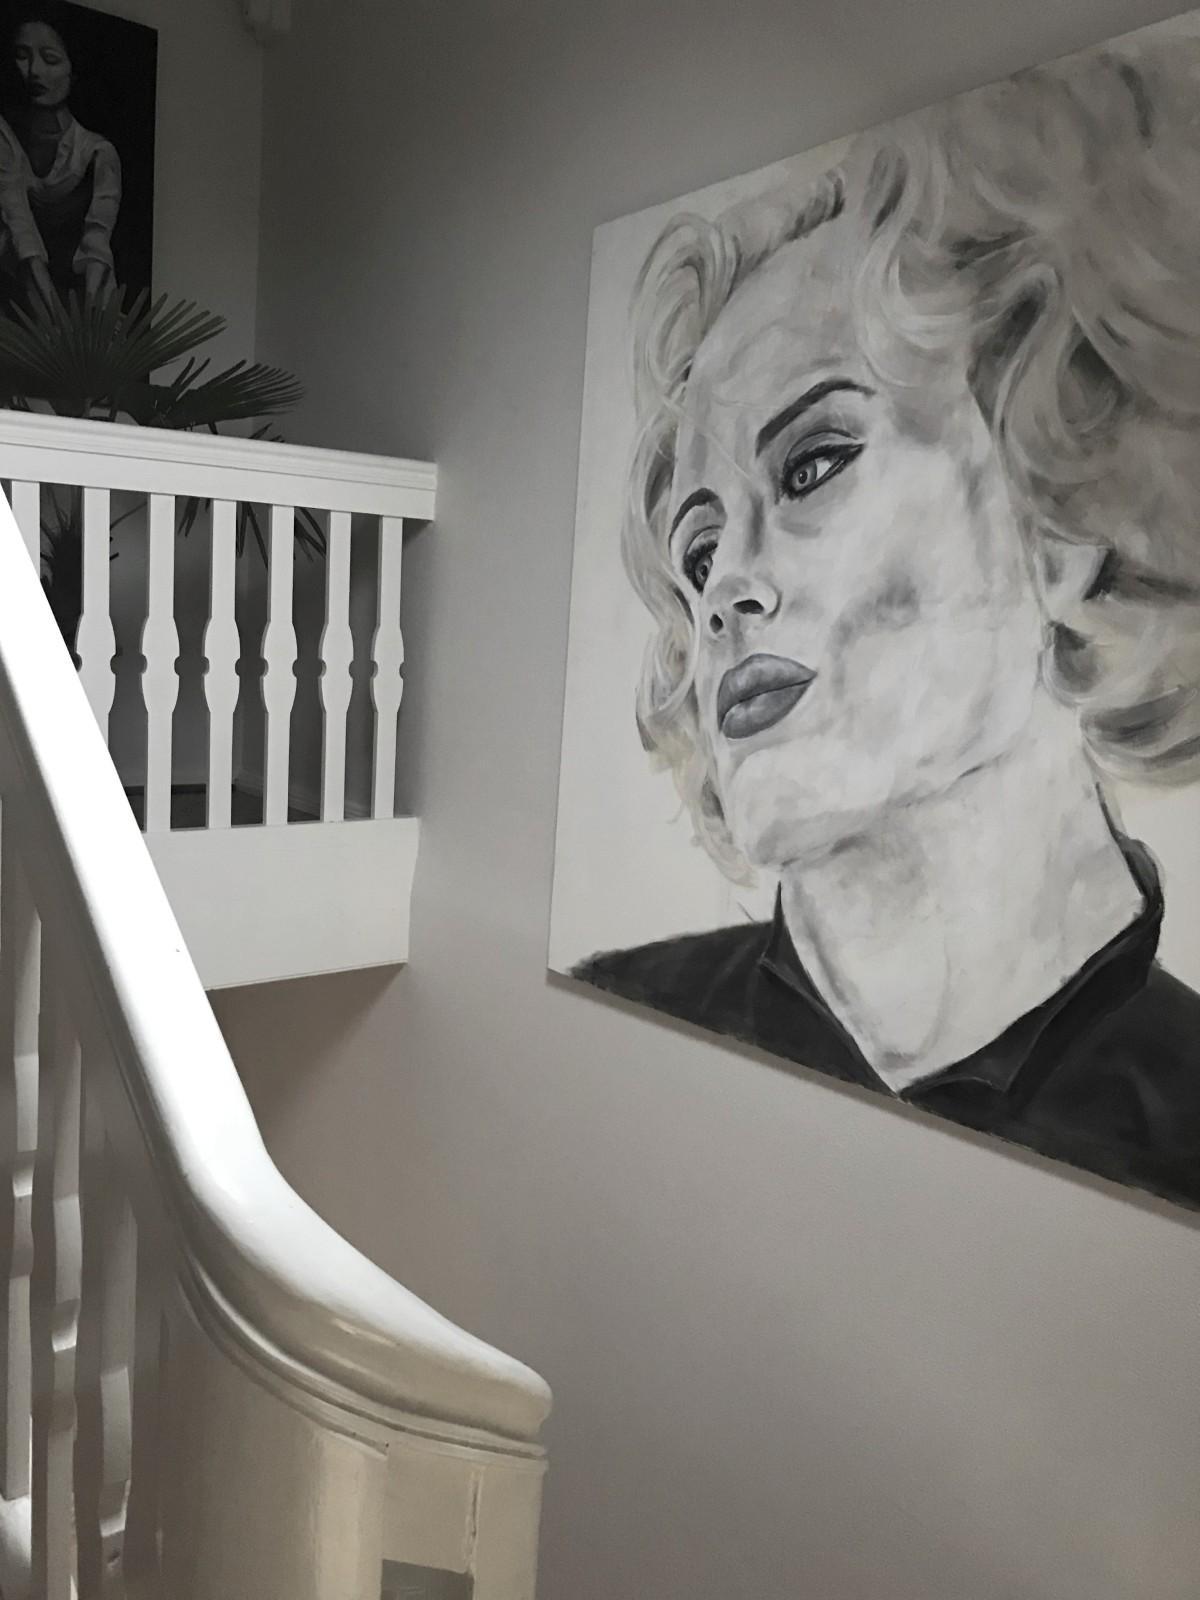 Bilder an die Wand hängen